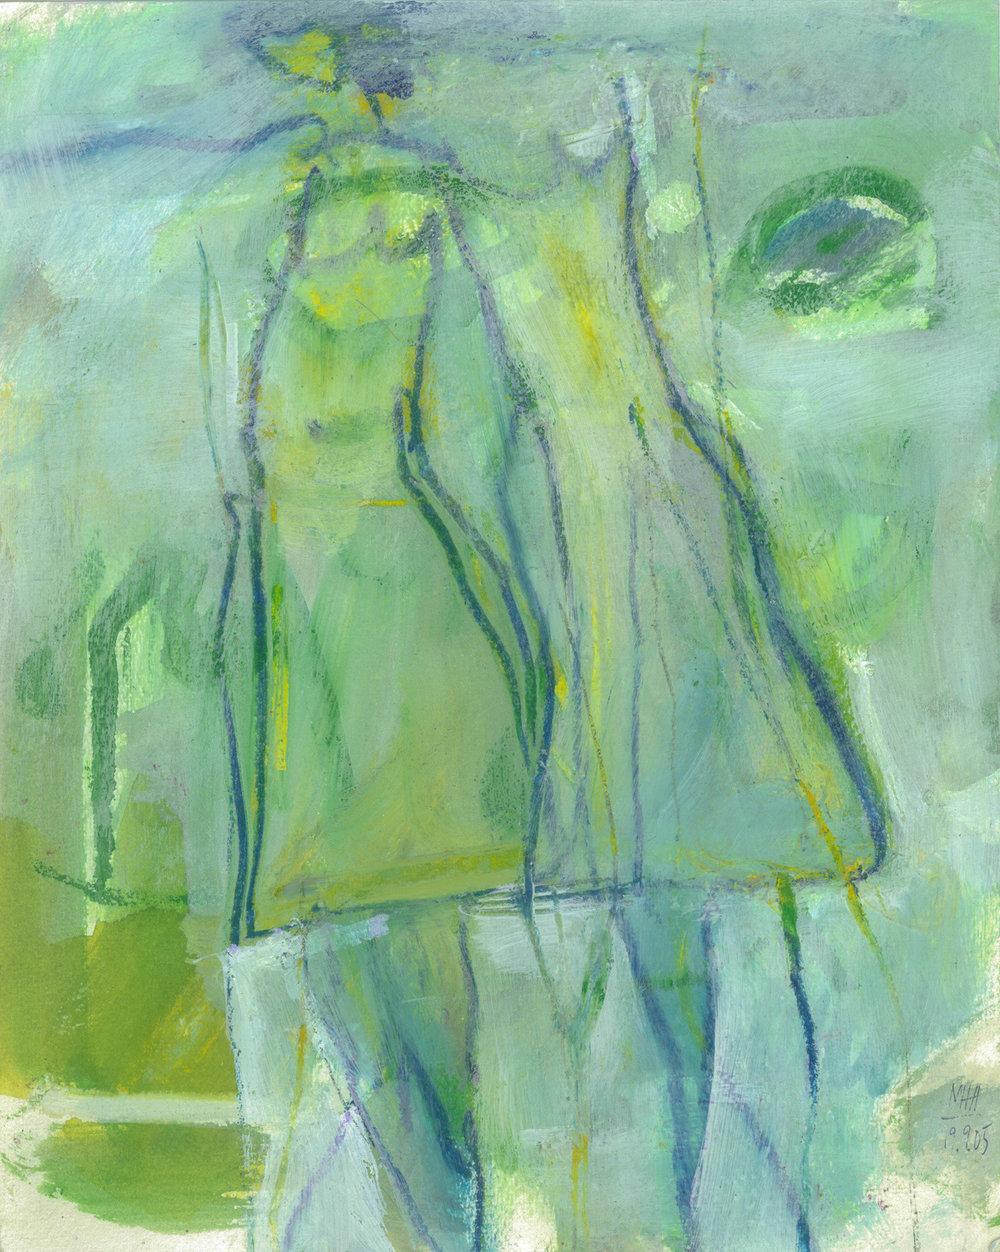 03  ANNA UND HANNA, 2005, Acryl auf Papier, 24x30 cm